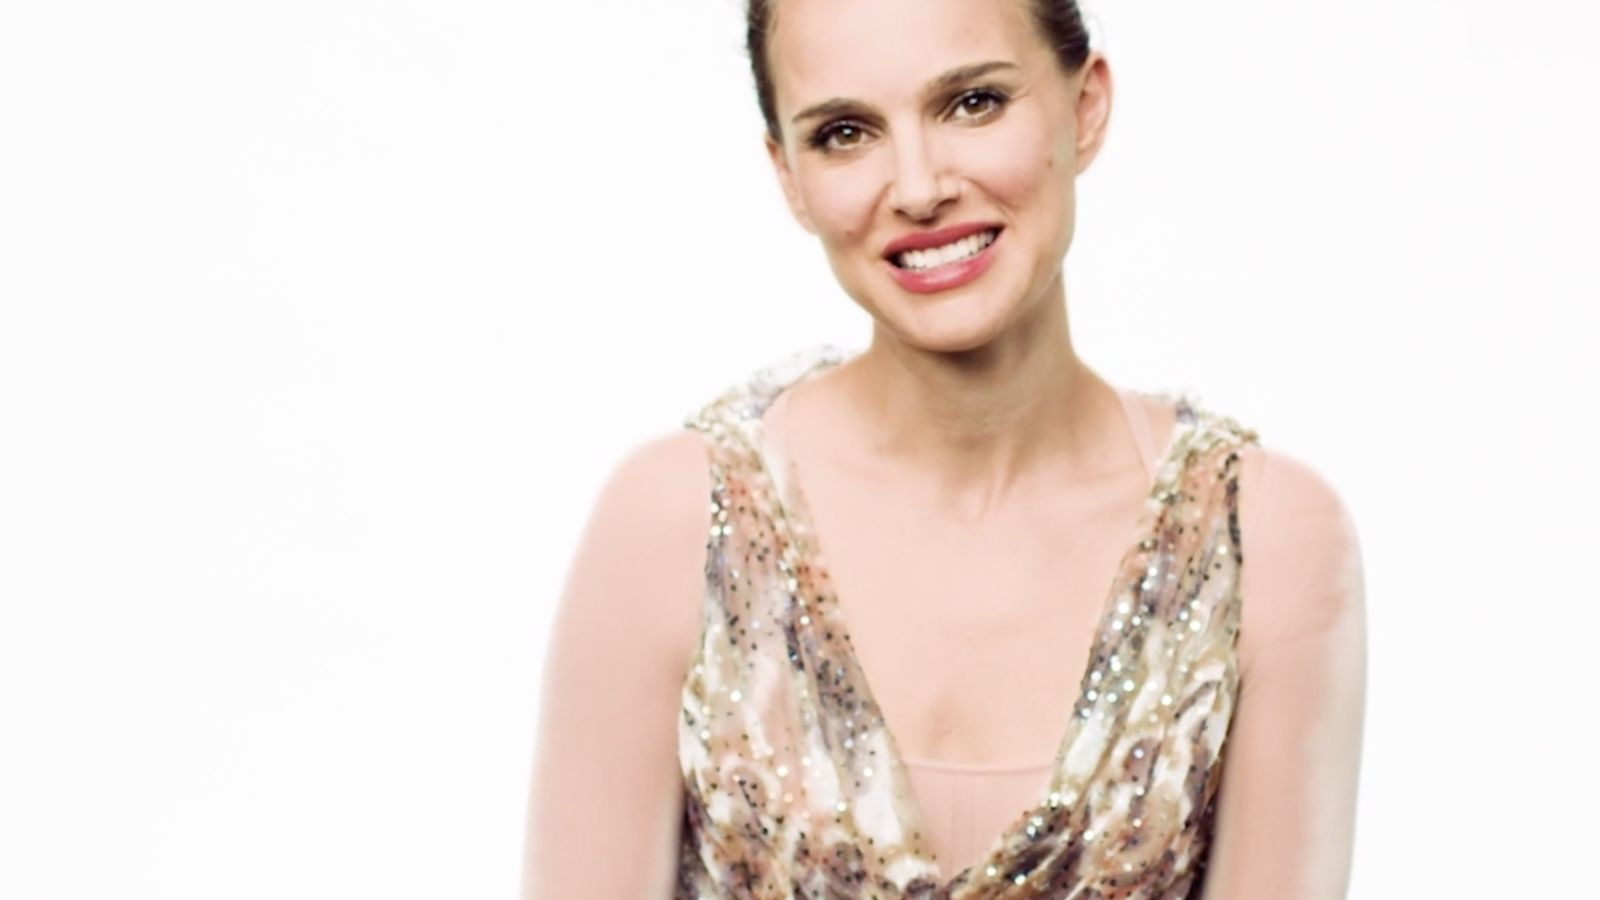 Natalie Portman analiza su carrera desde 'León: el profesional' a 'Vox Lux'